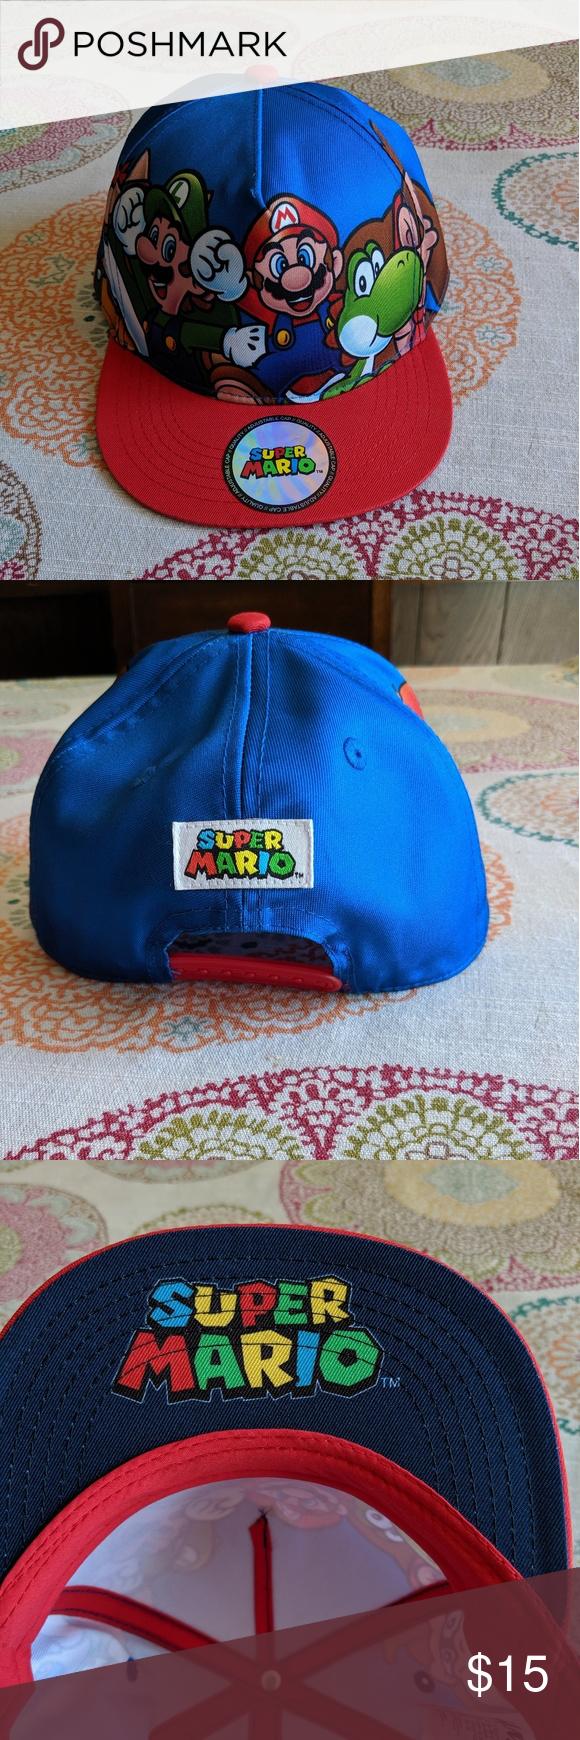 New Super Mario Bros Hat Super Mario Bros Super Mario Mario Bros